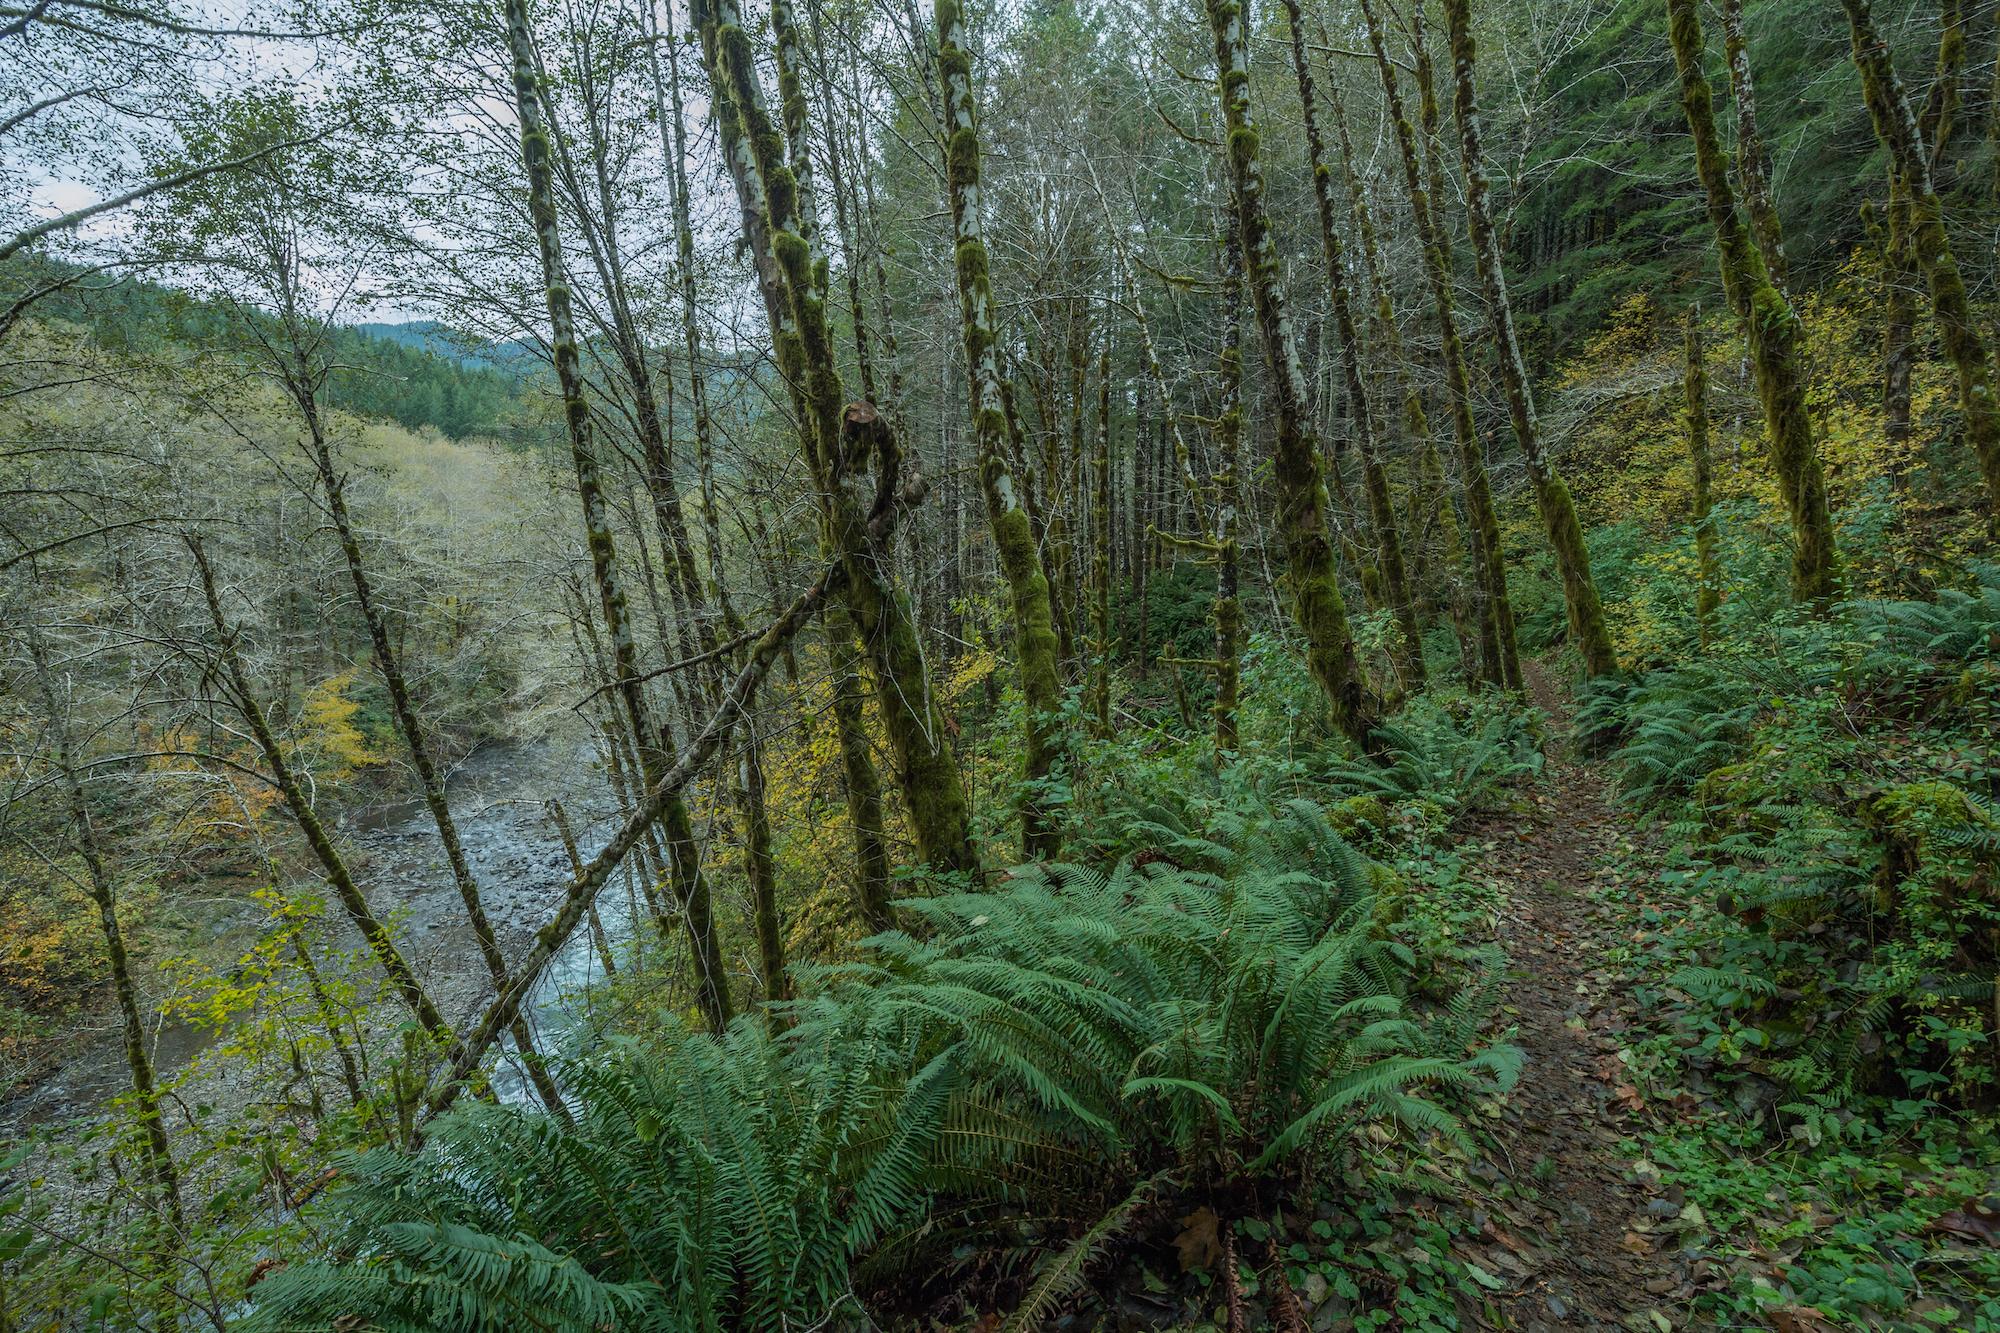 ek-trail-above-river